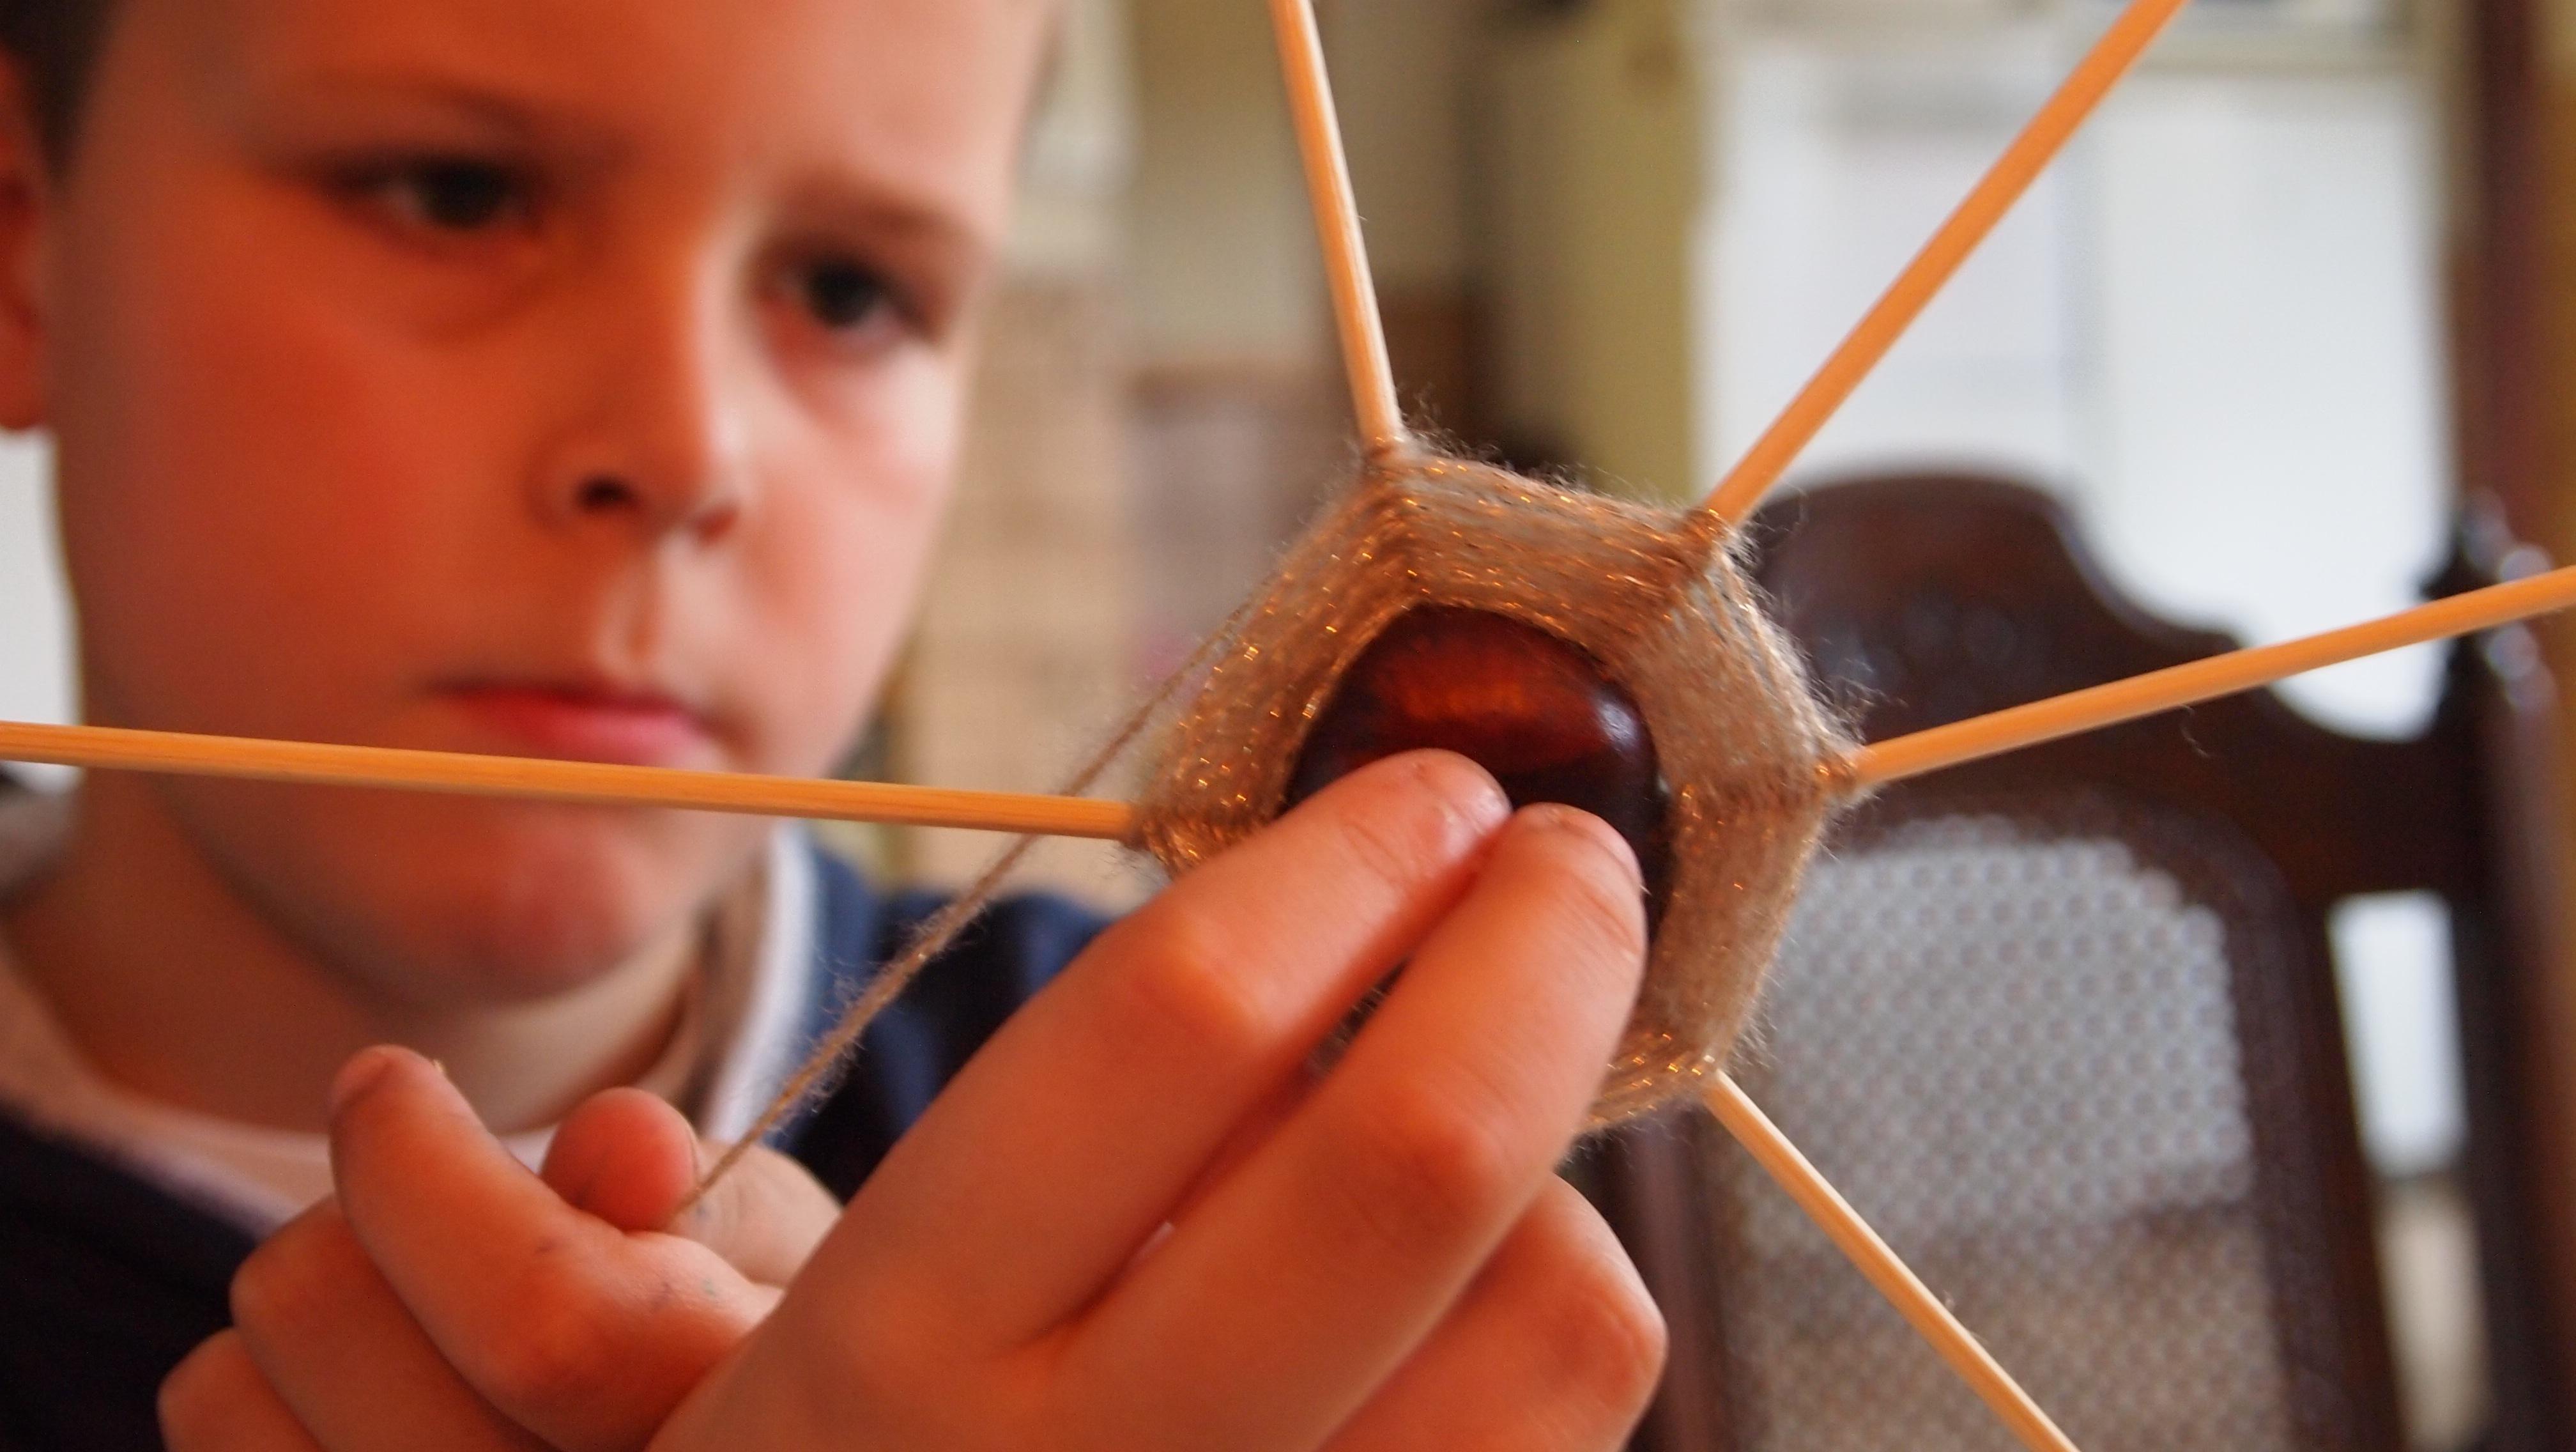 Bildet : se, hånd, gutt, høst, barn, stue, rom, årstid, musikk ...